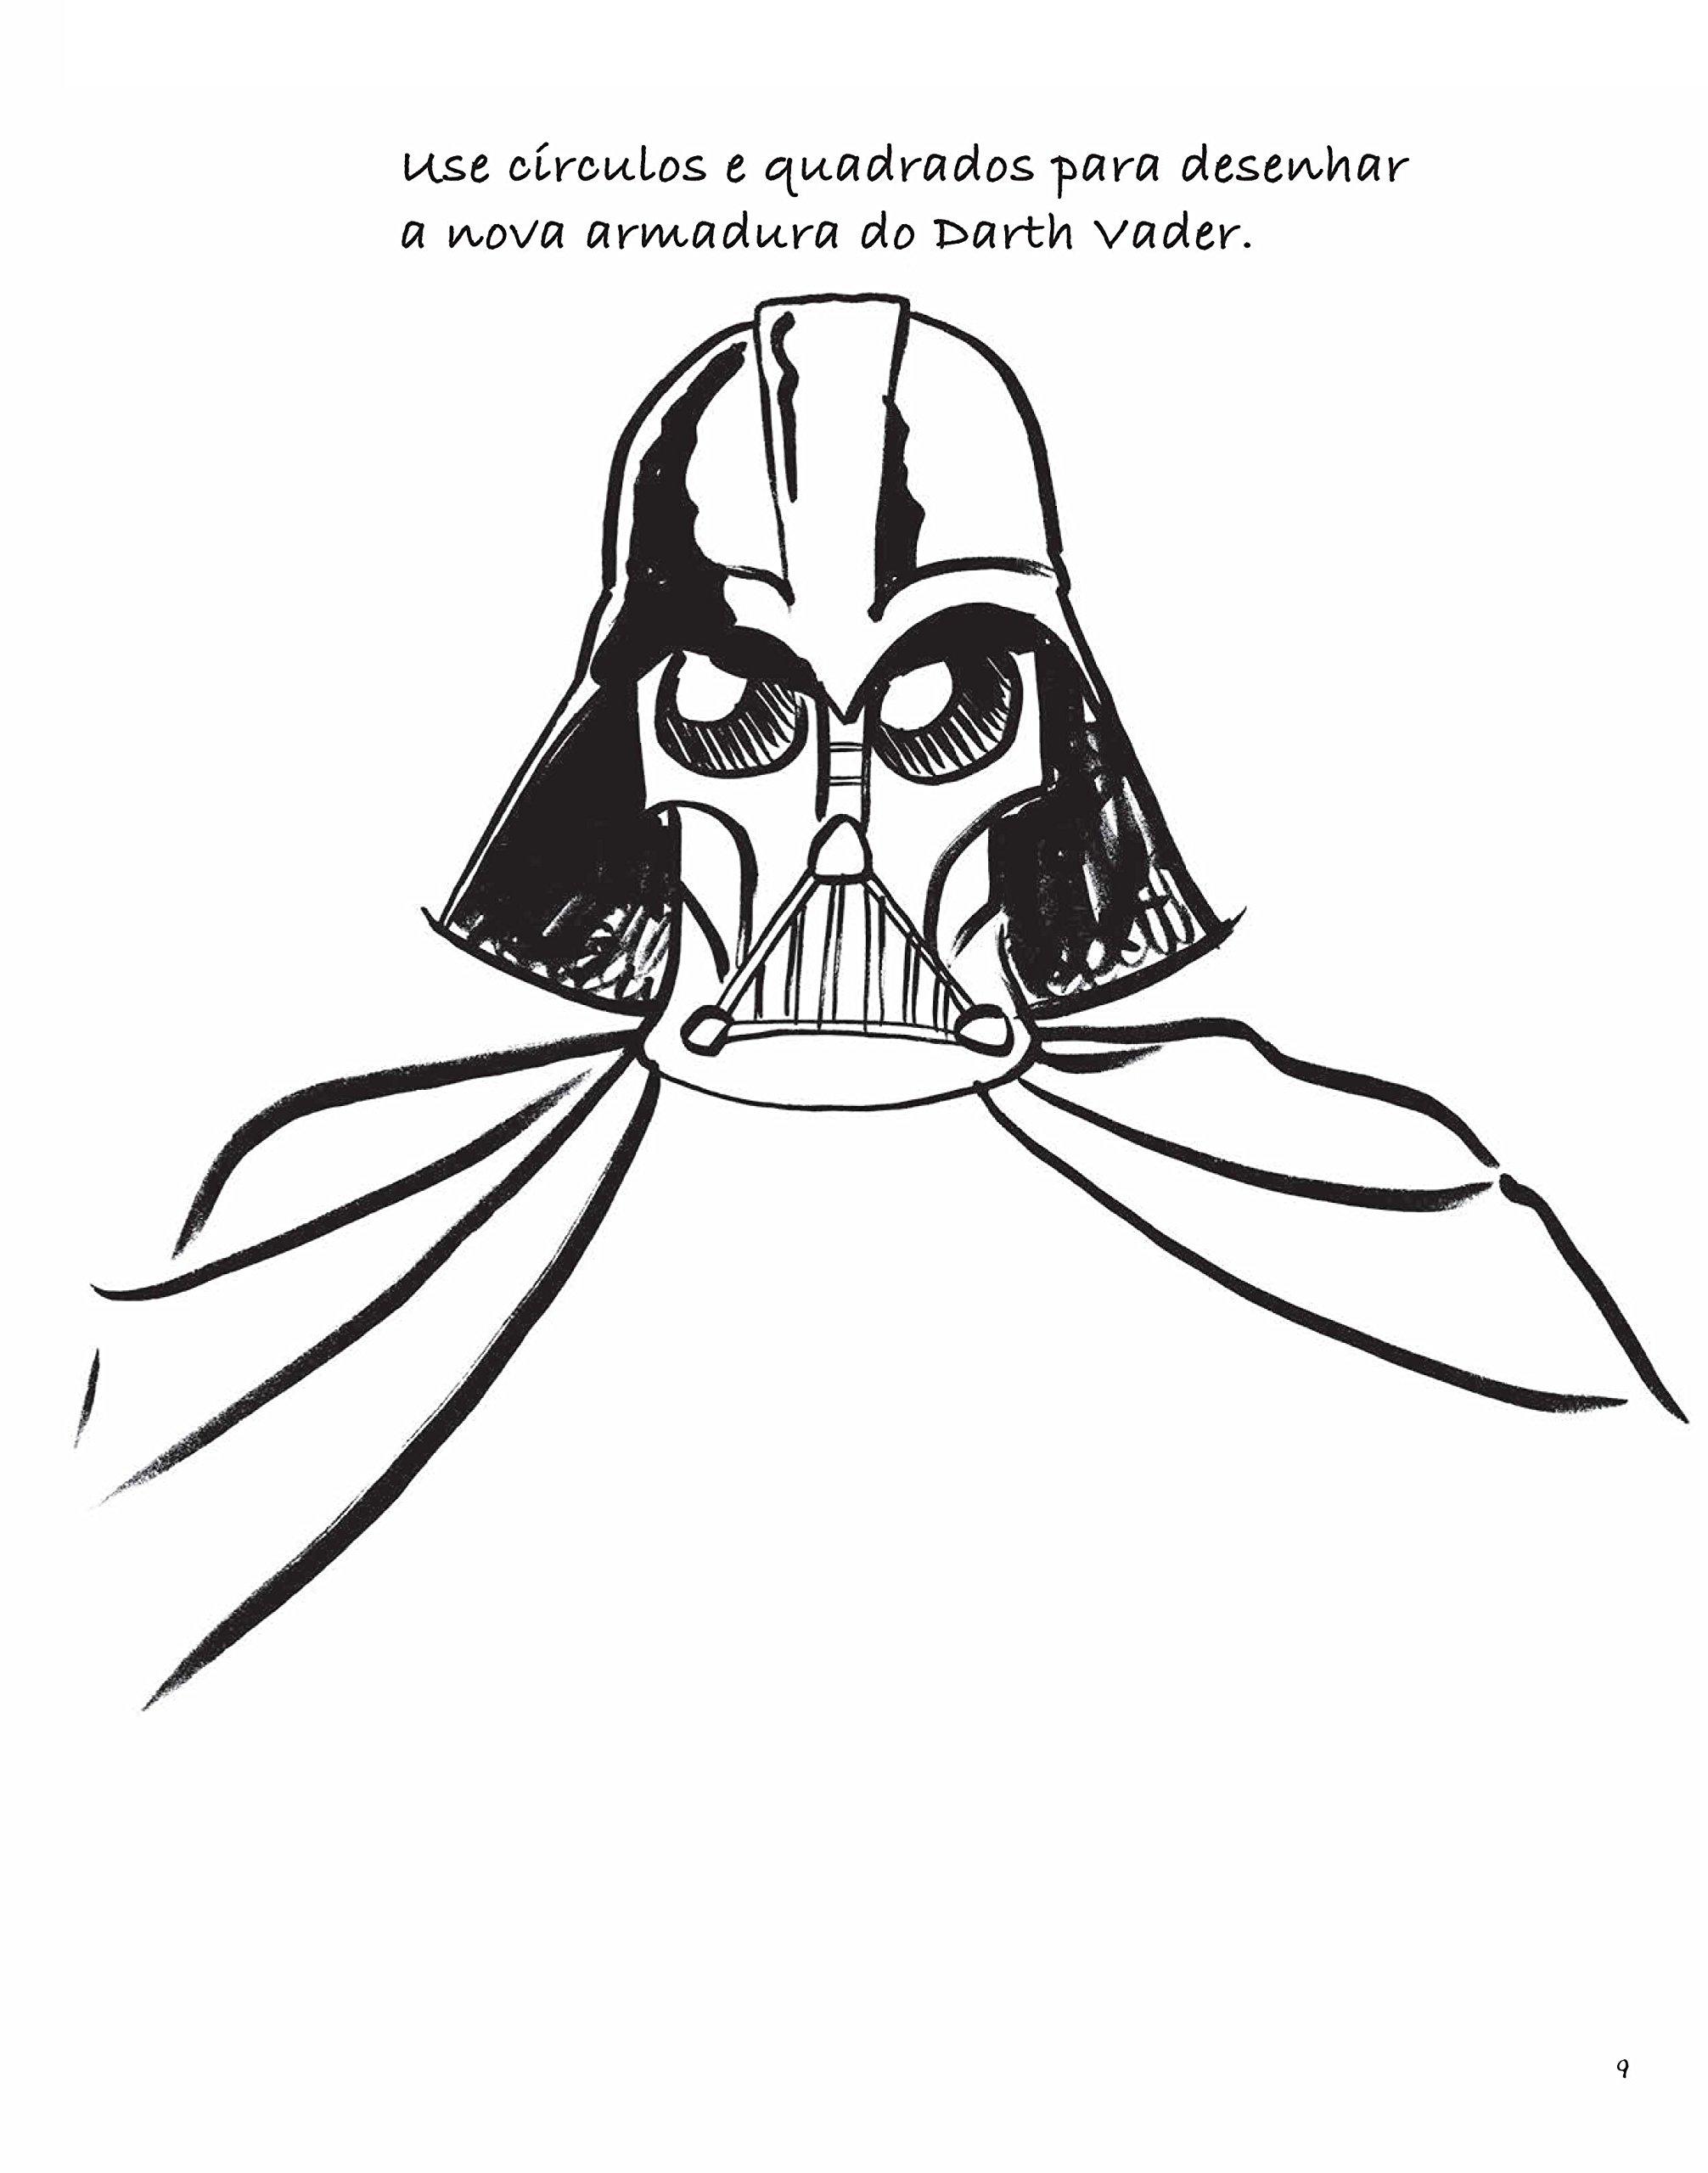 Star Wars Para Desenhar Colorir E Se Divertir Zack Giallongo 0